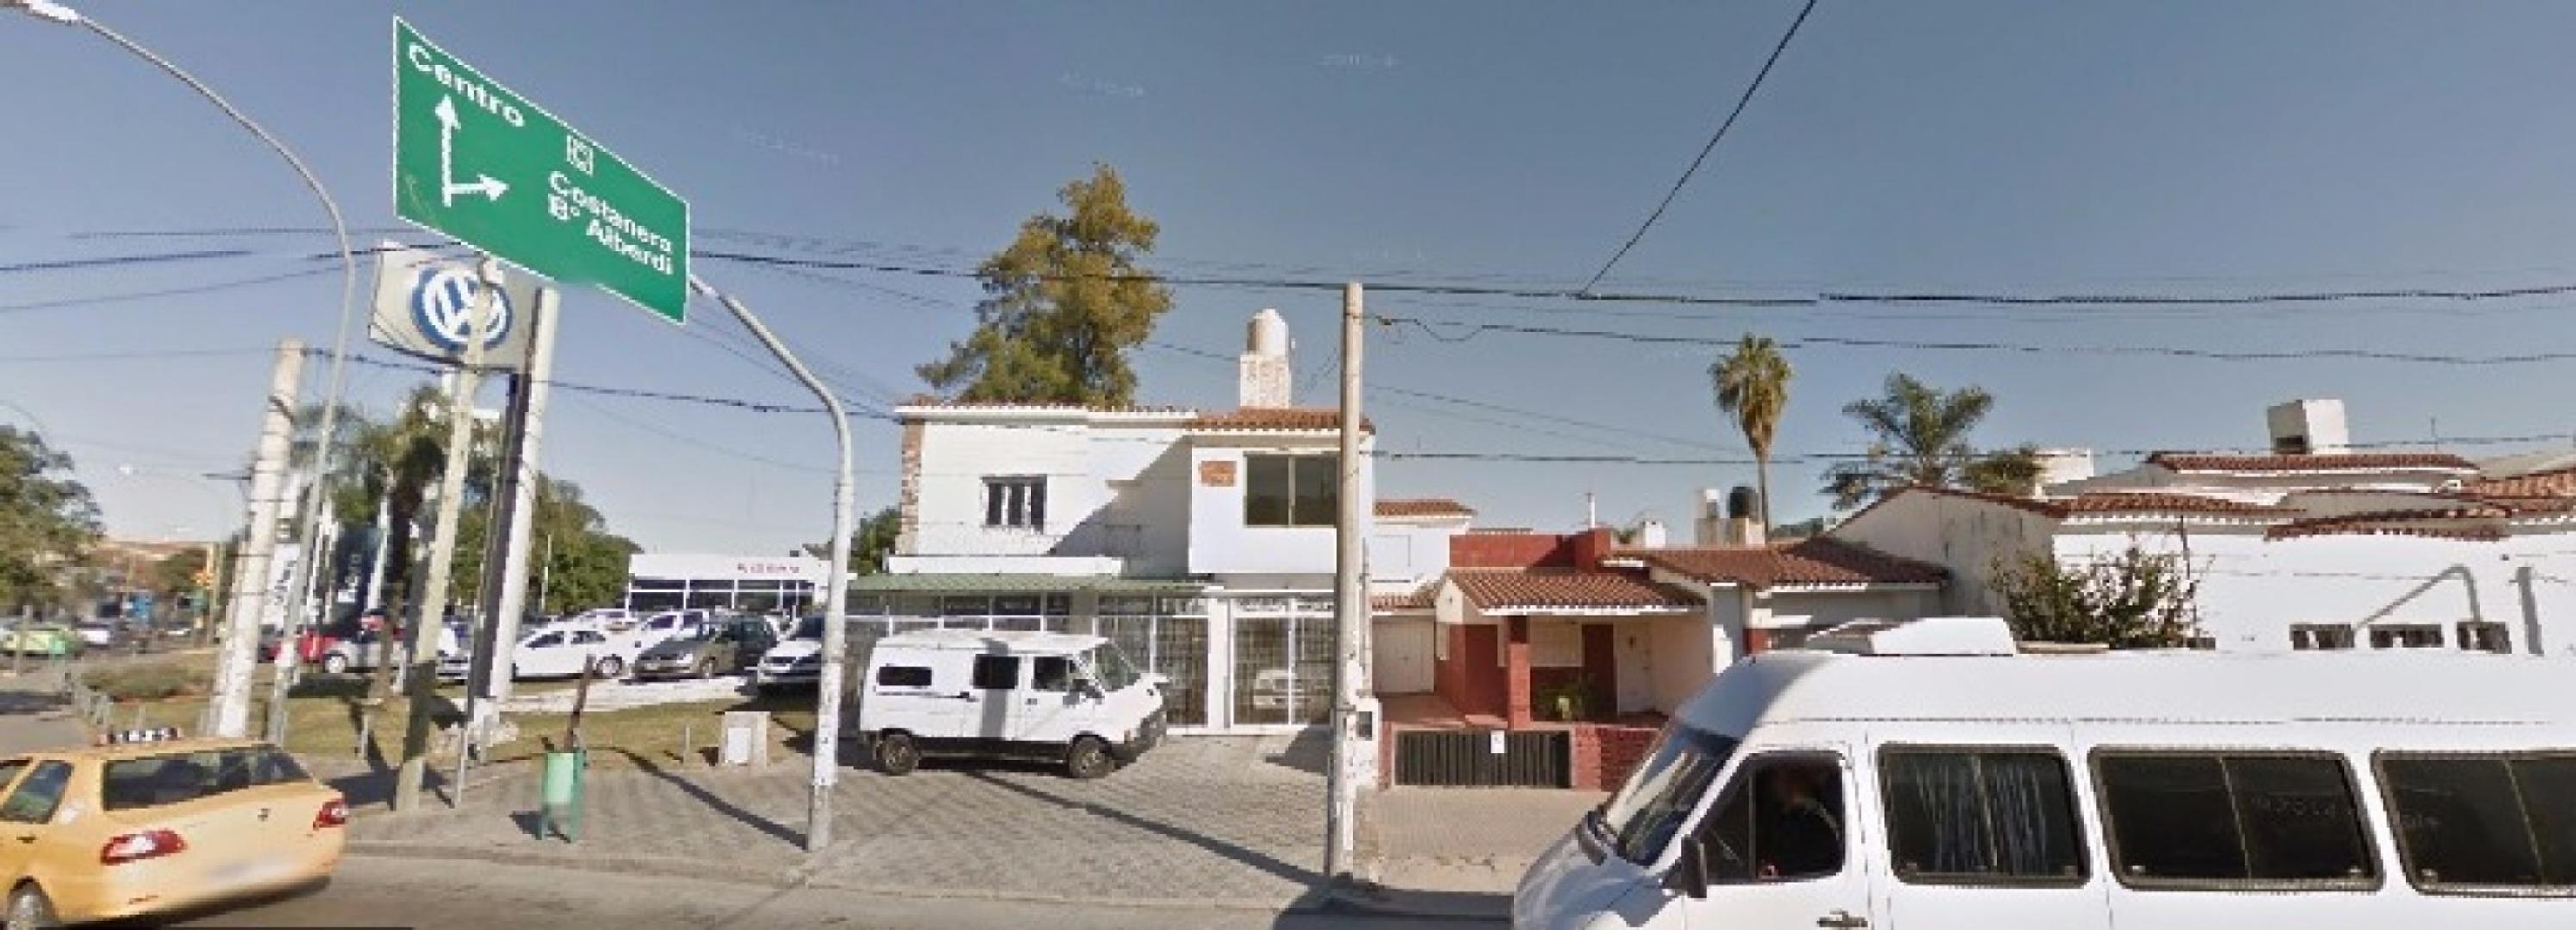 Local Av CARAFFA